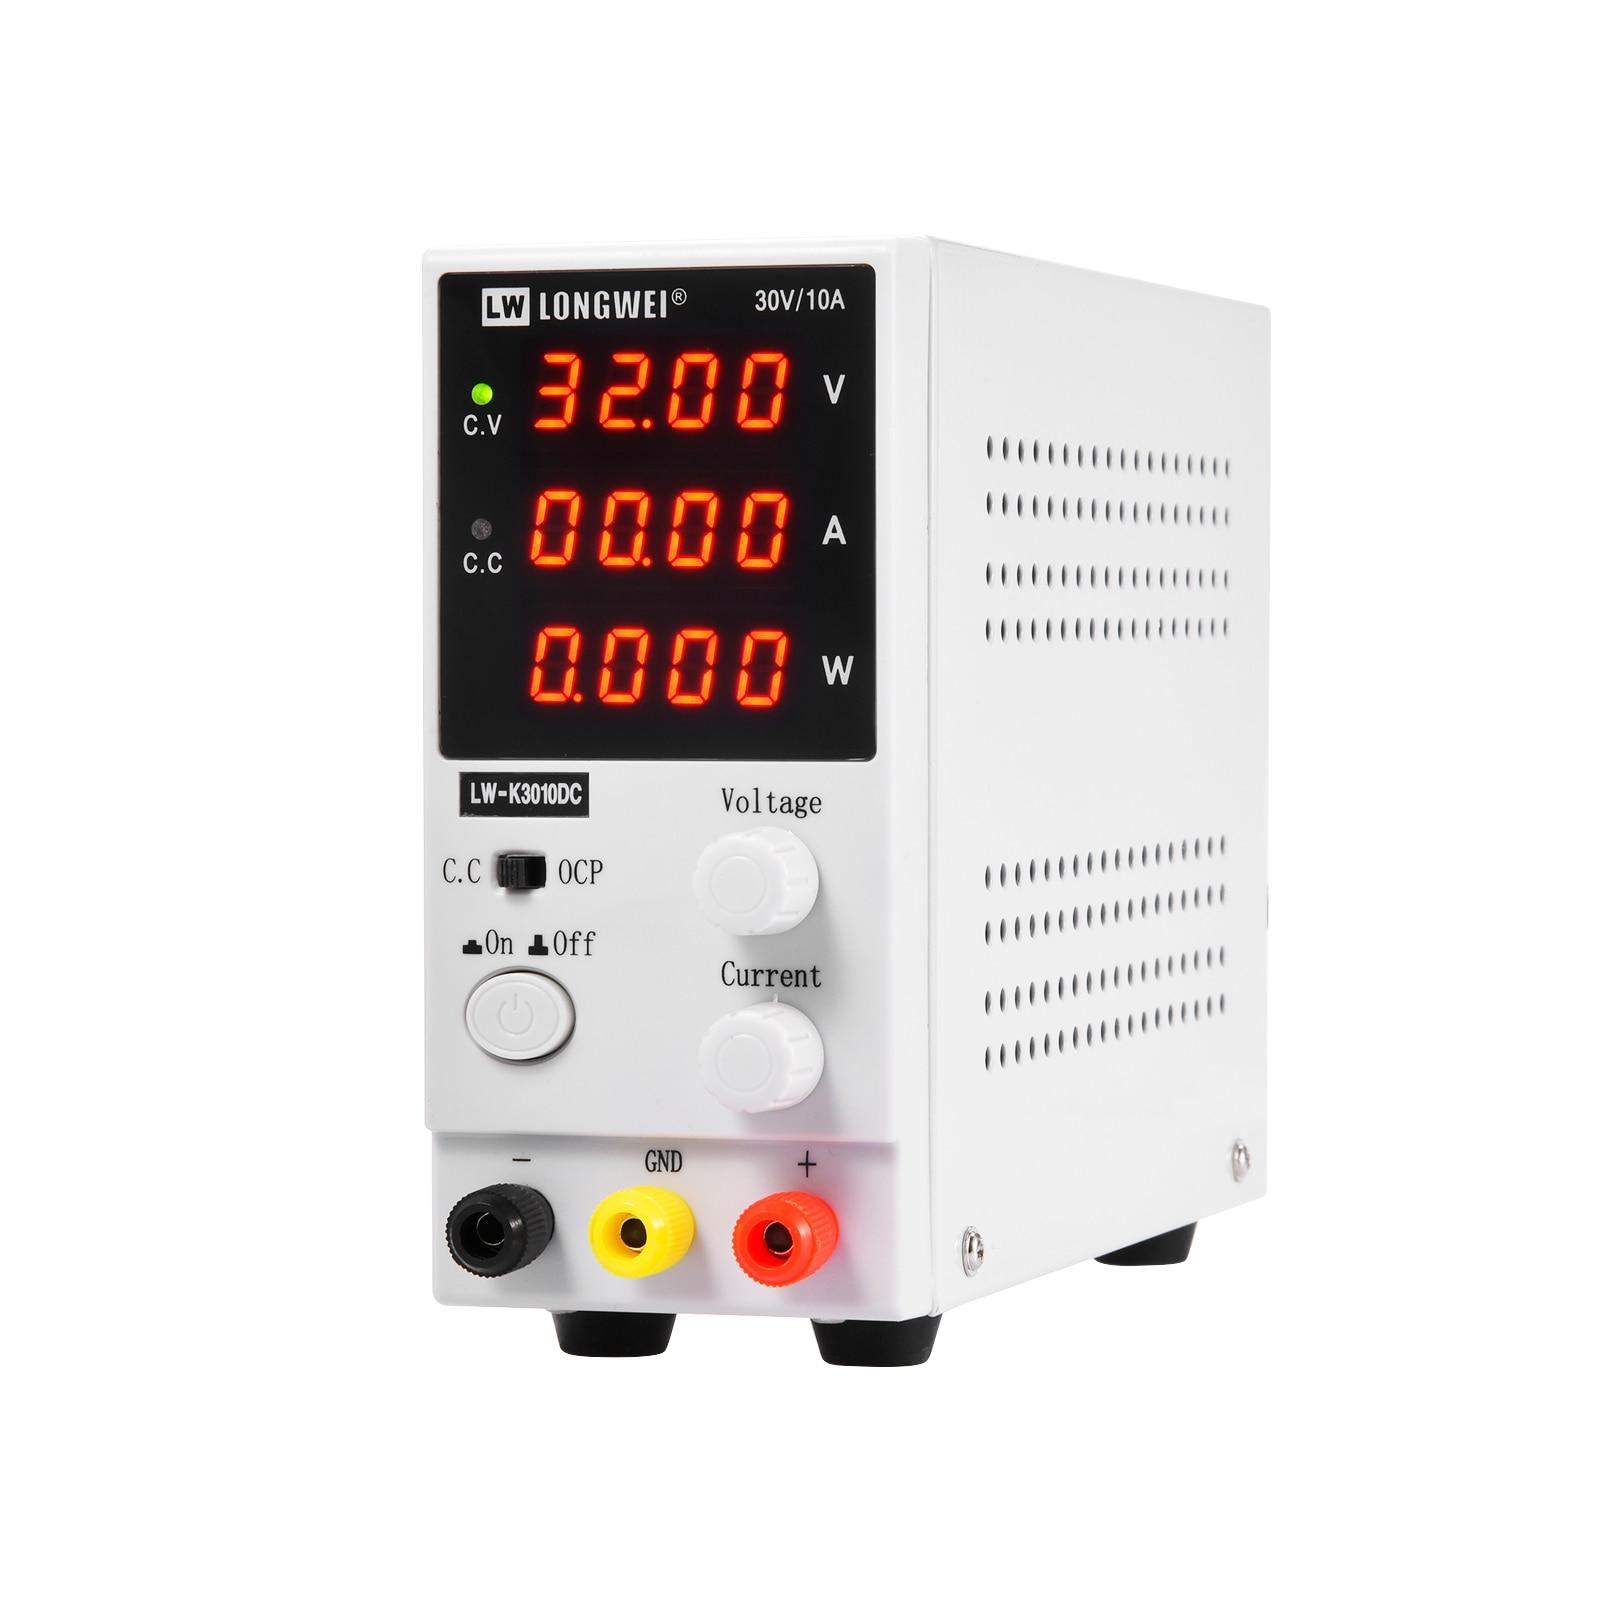 LED Adjustable DC Laboratory 30V 10A Lab Power Supply Adjustable 0-10 A Voltage Regulator Stabilizer Switching Power Source nps306w laboratory switching power supply 30v 6a variable dc stabilized power supply 0 1v 0 01a 180w electroplating power supply